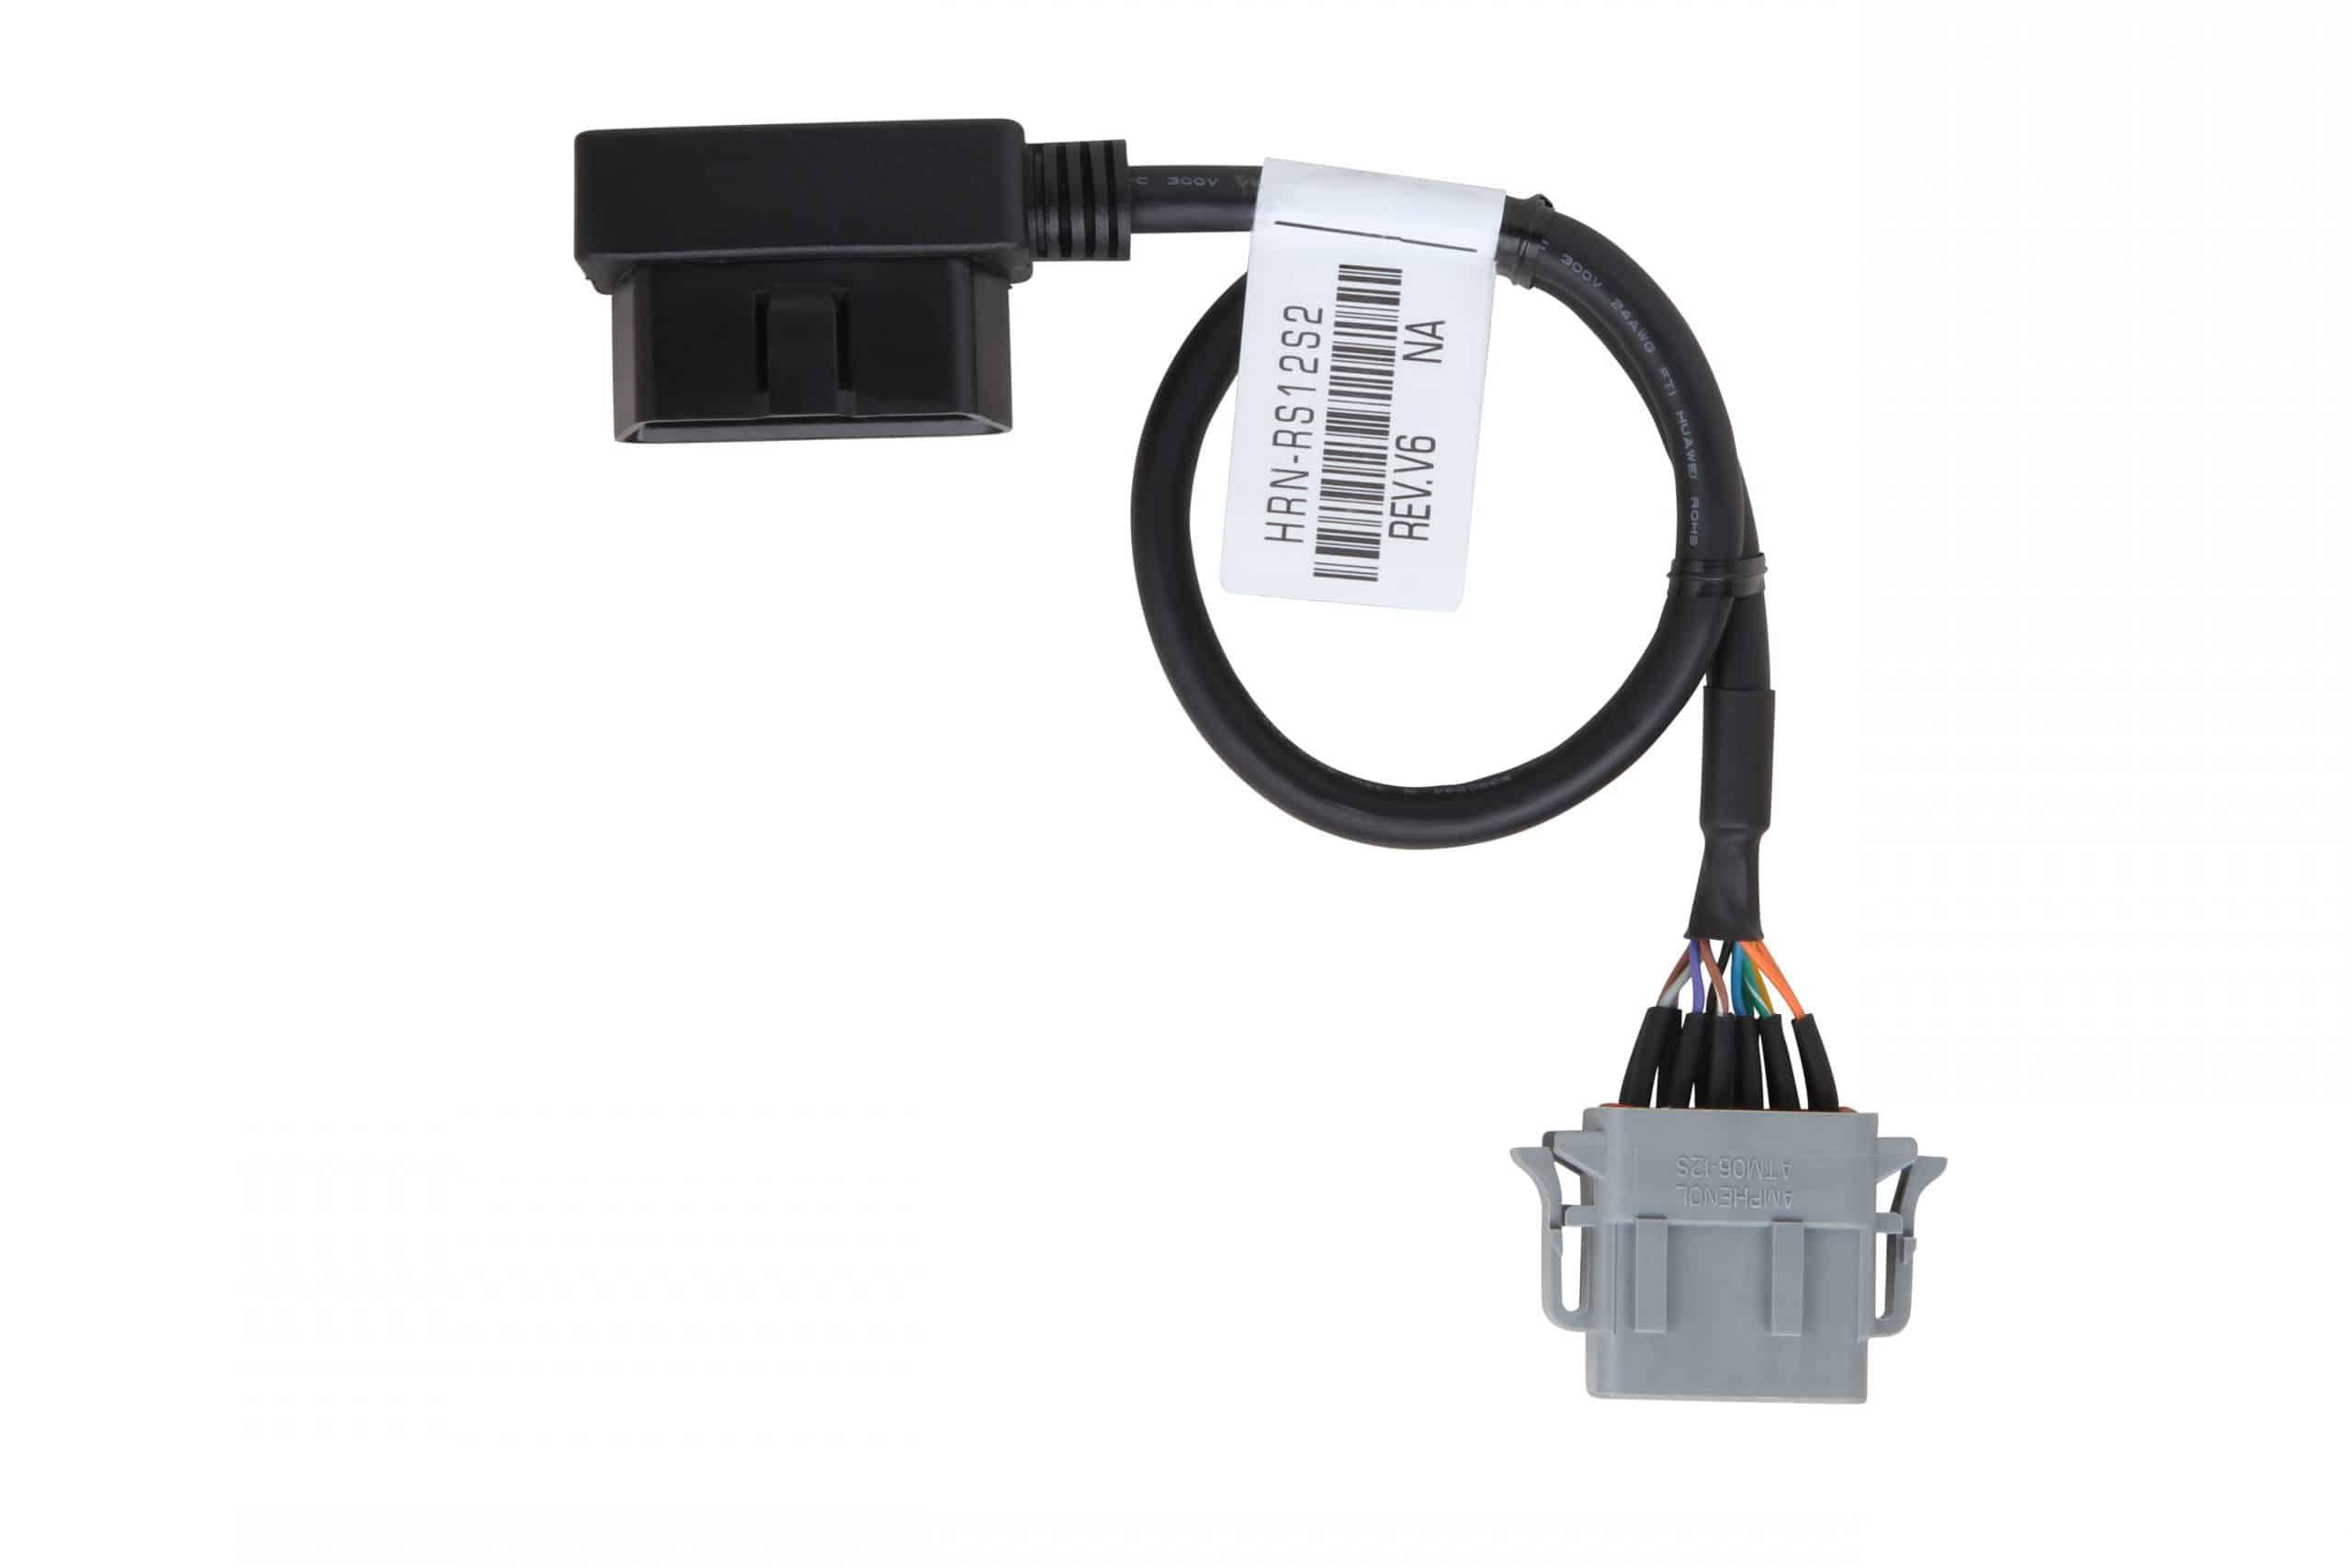 Bild: Geotab HRN-RS12S2 Kabelbaum Adapter für GO 9 RUGGED